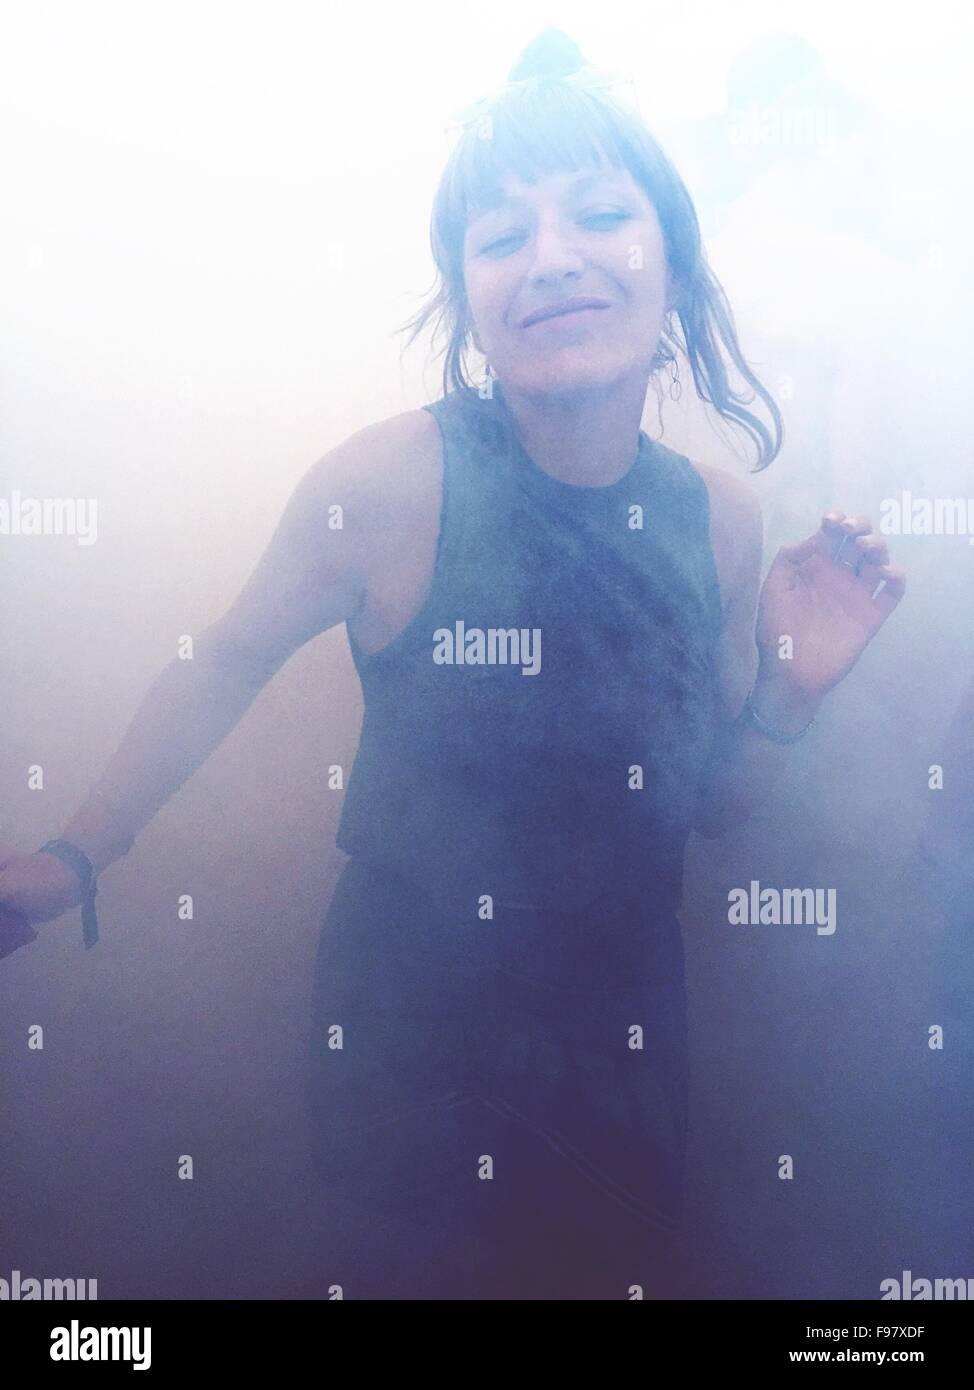 Retrato de mujer alegre y bailando en humo Imagen De Stock